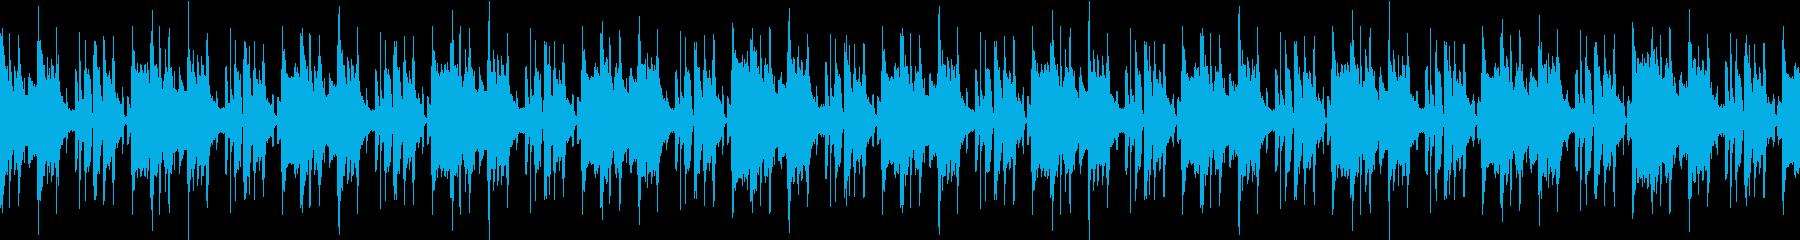 おしゃれなファンクBGM ループの再生済みの波形